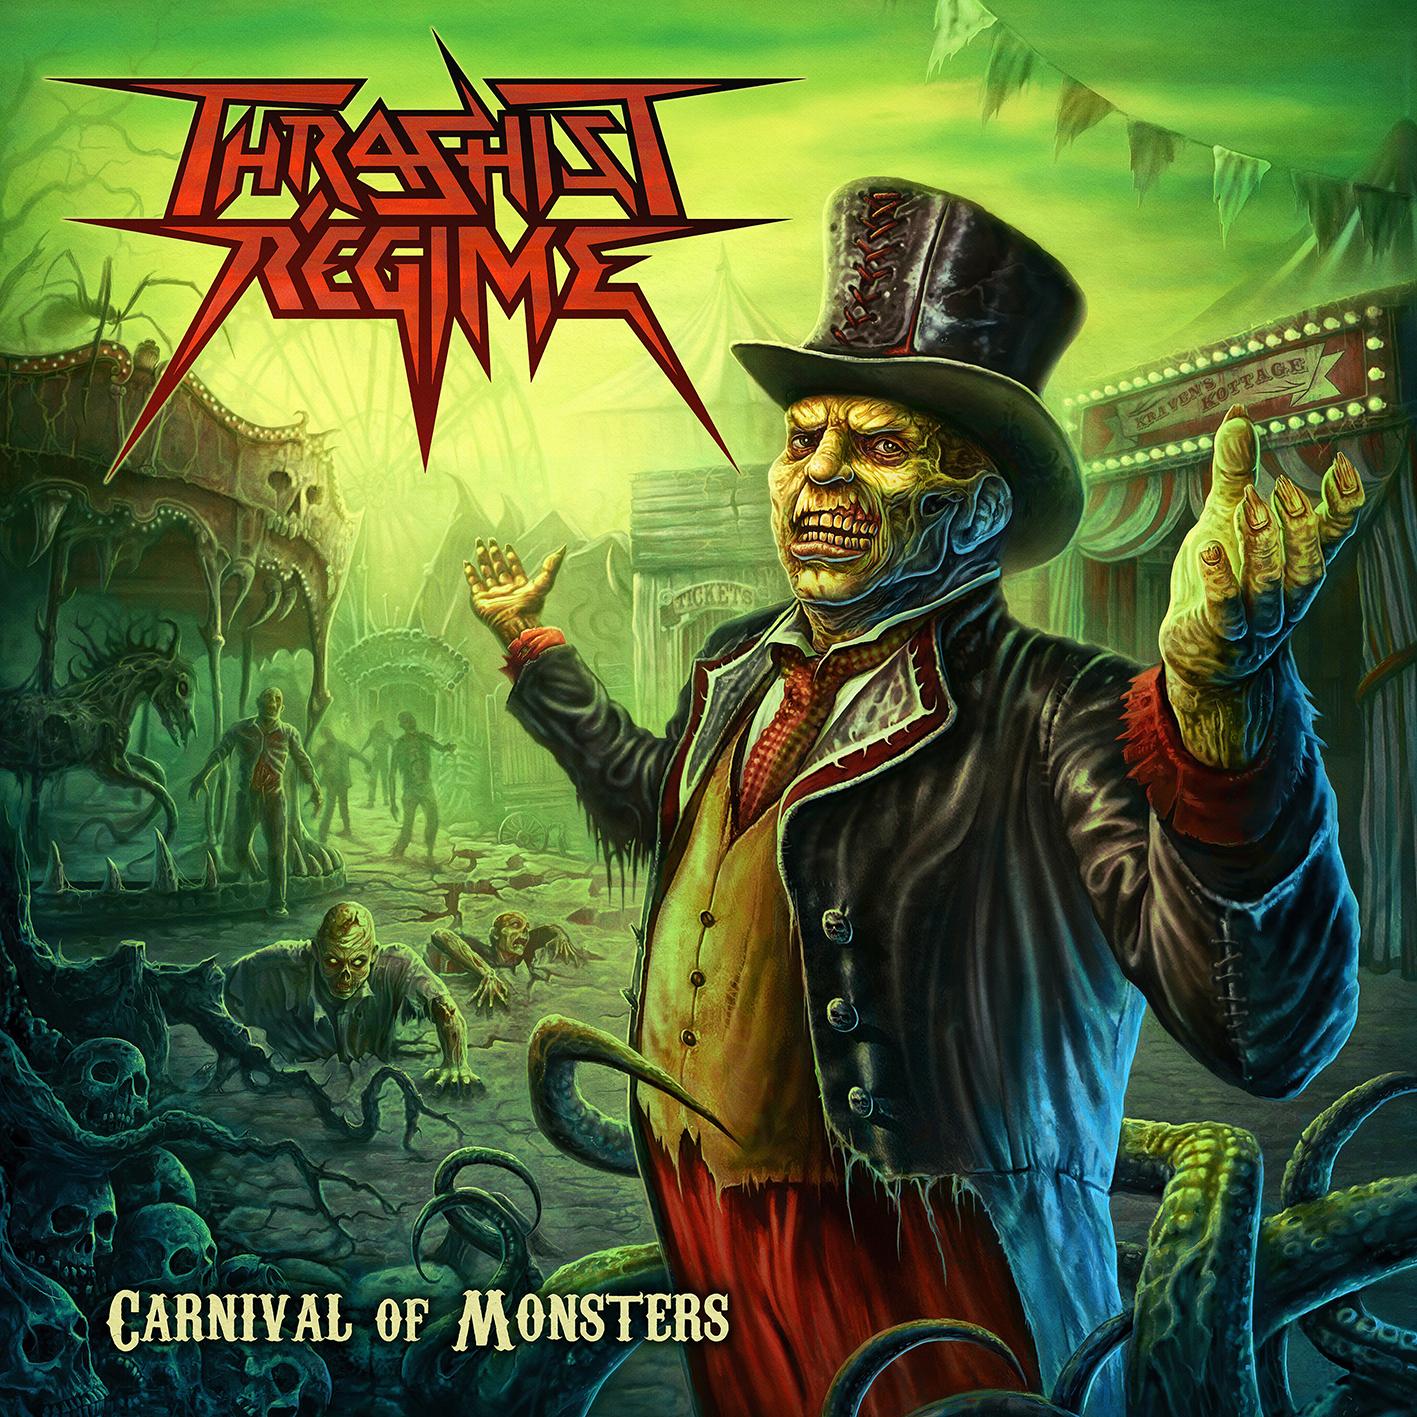 Thrashist Regime – Carnival of Monsters